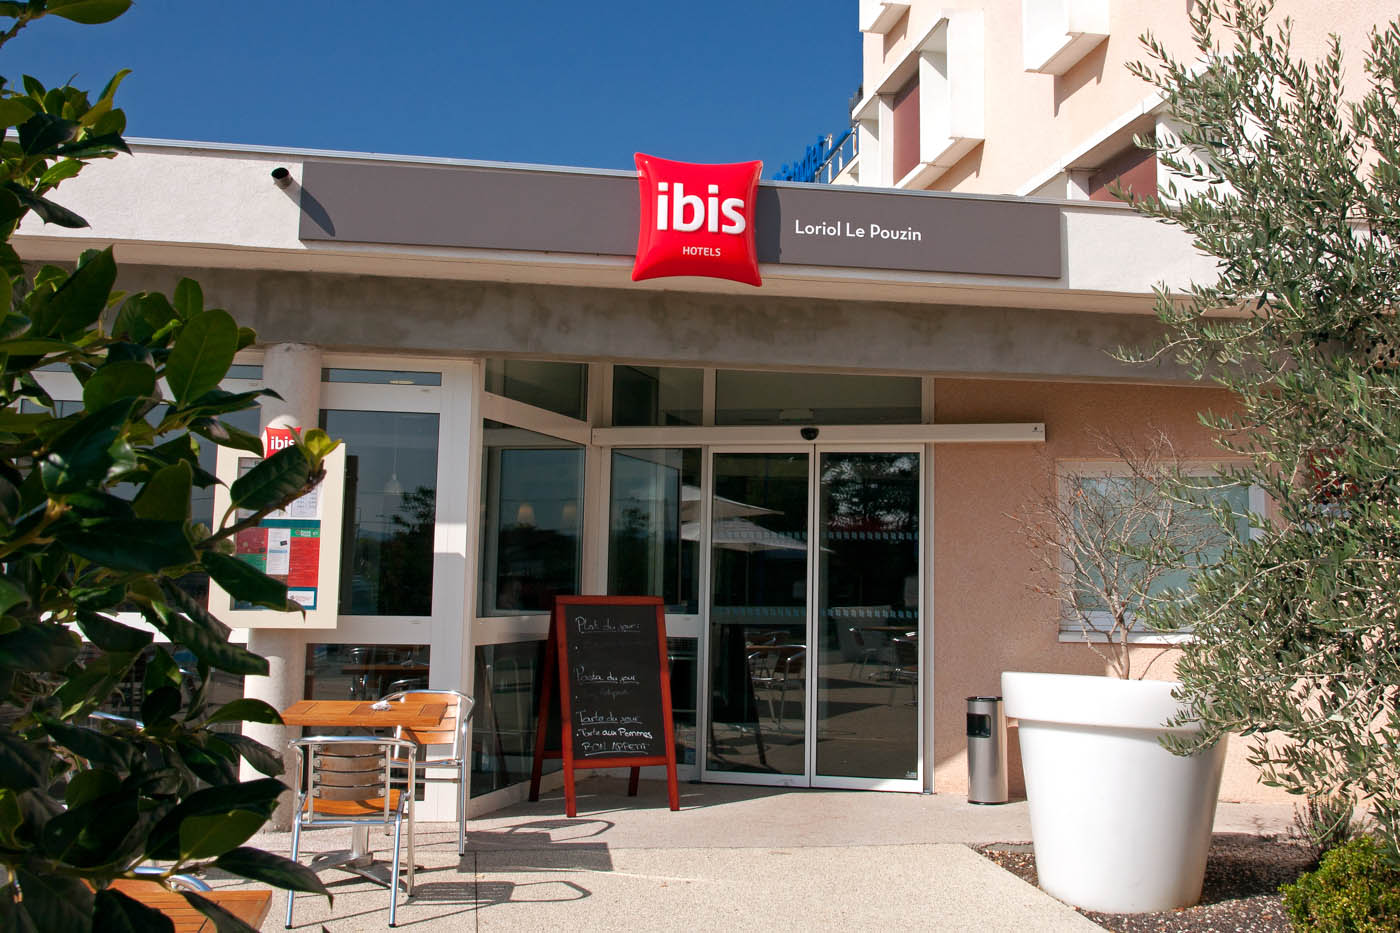 Hotels : Ibis Hôtel